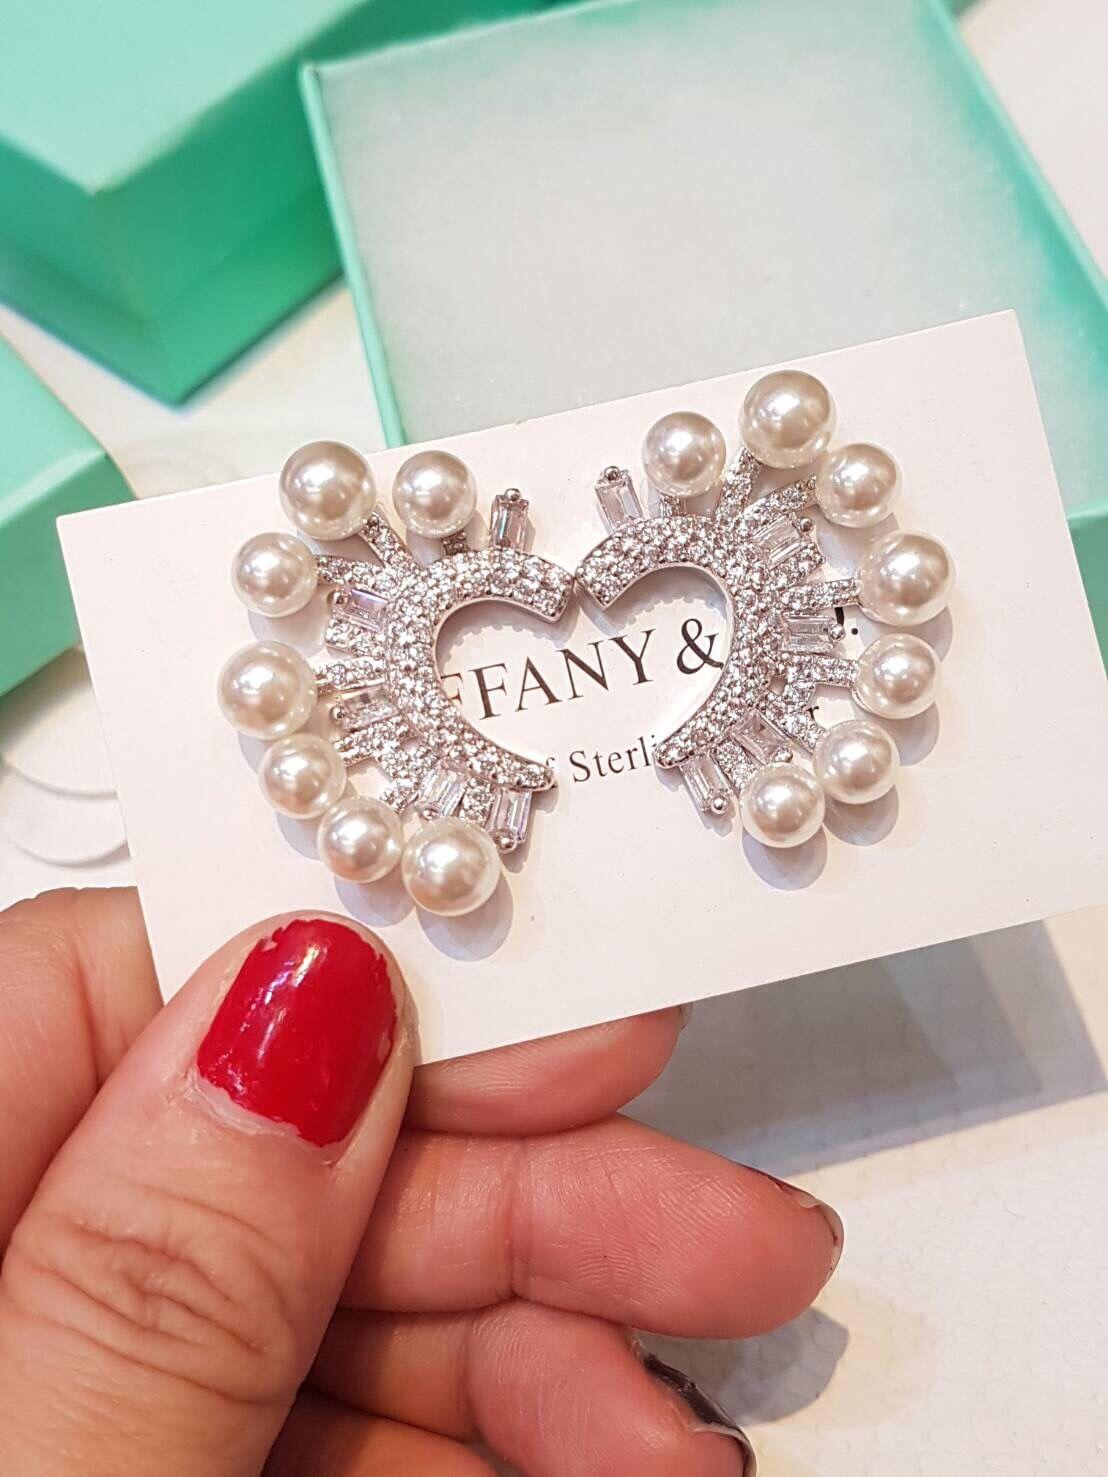 พร้อมส่ง Diamond with Pearl earring ต่างหูเพชรฝังแท้